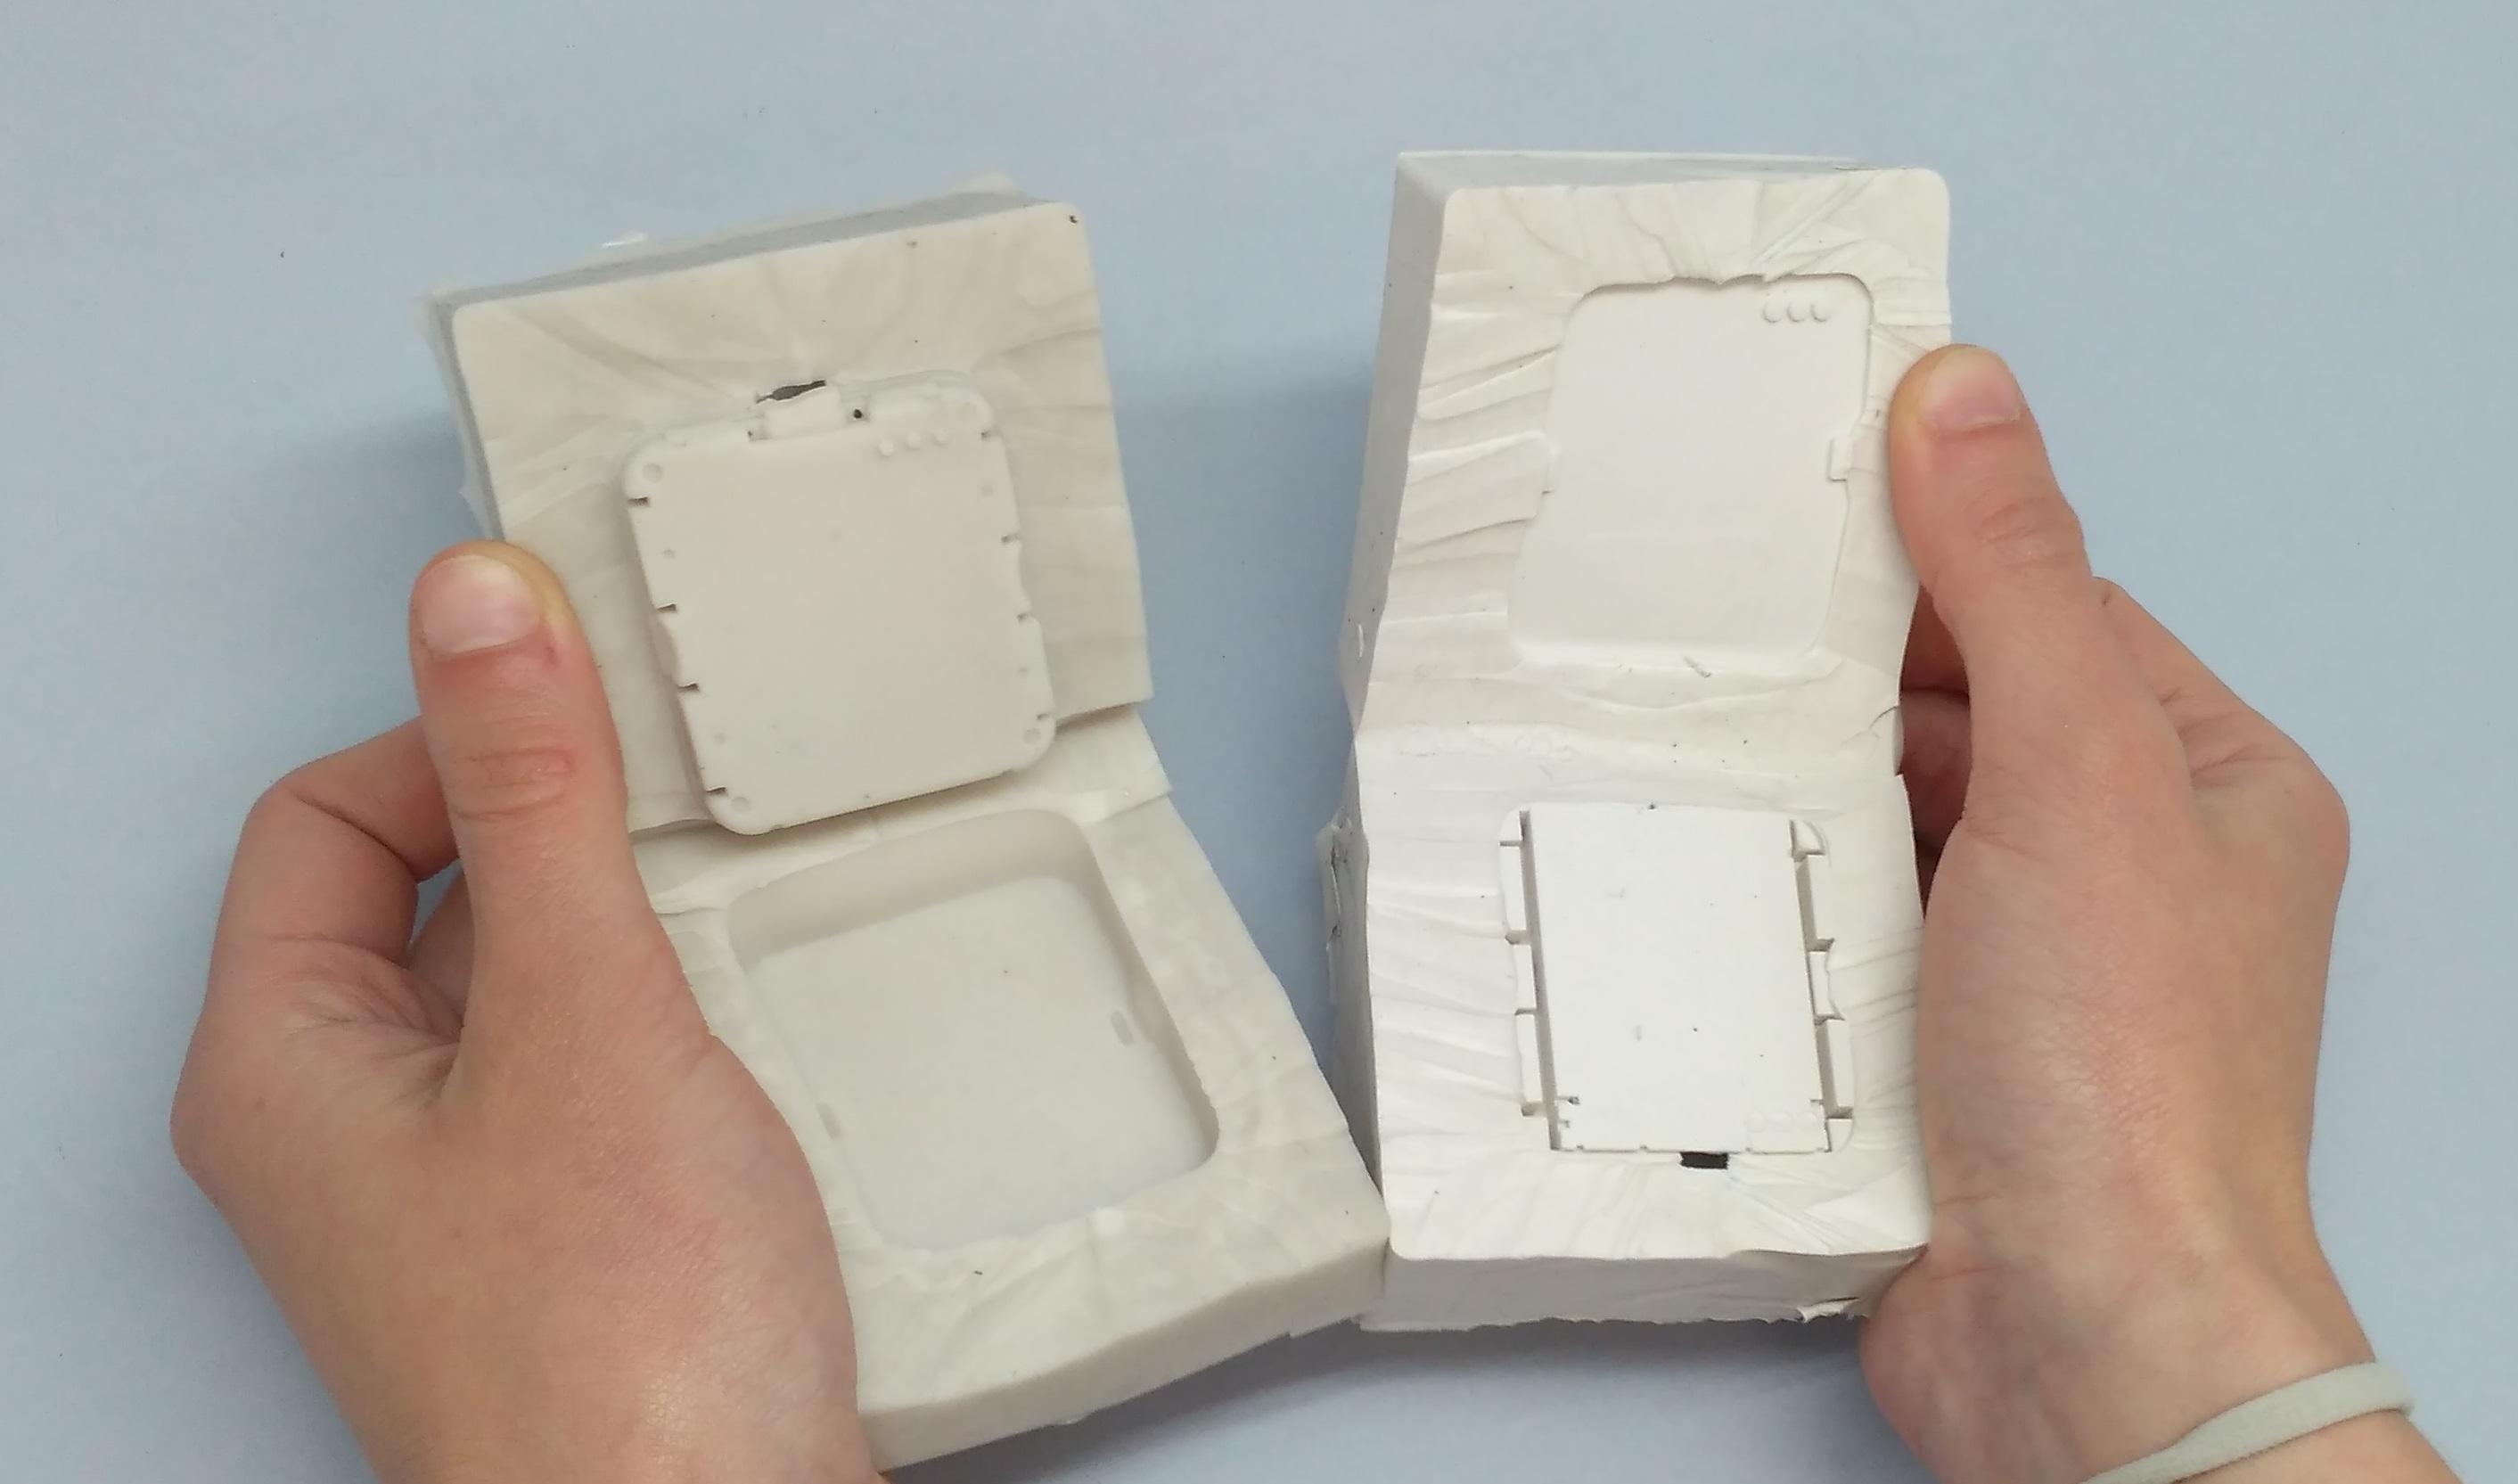 От протезов до продвинутой техники: как 3D-печать используется в медицине, Rusbase